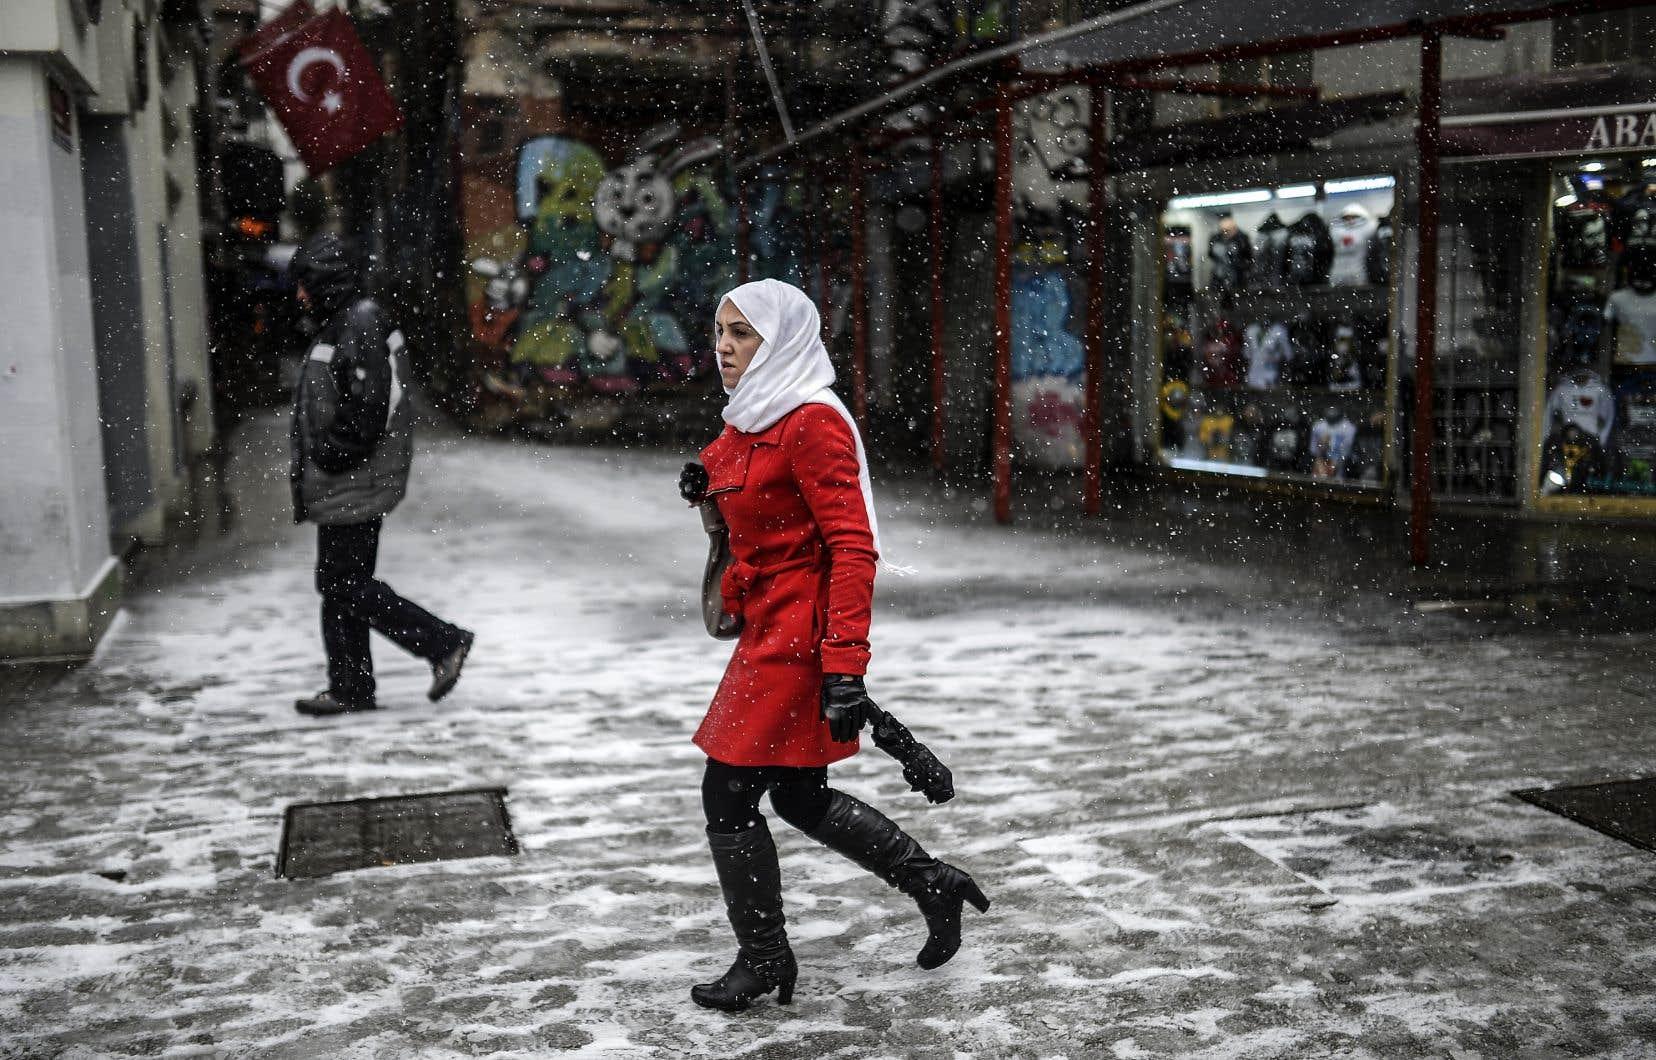 En Turquie, une nouvelle génération de femmes voilées et scolarisées veut avoir un style de vie inspiré de la classe moyenne, constate l'anthropologue Jenny White, de l'Université de Stockholm.